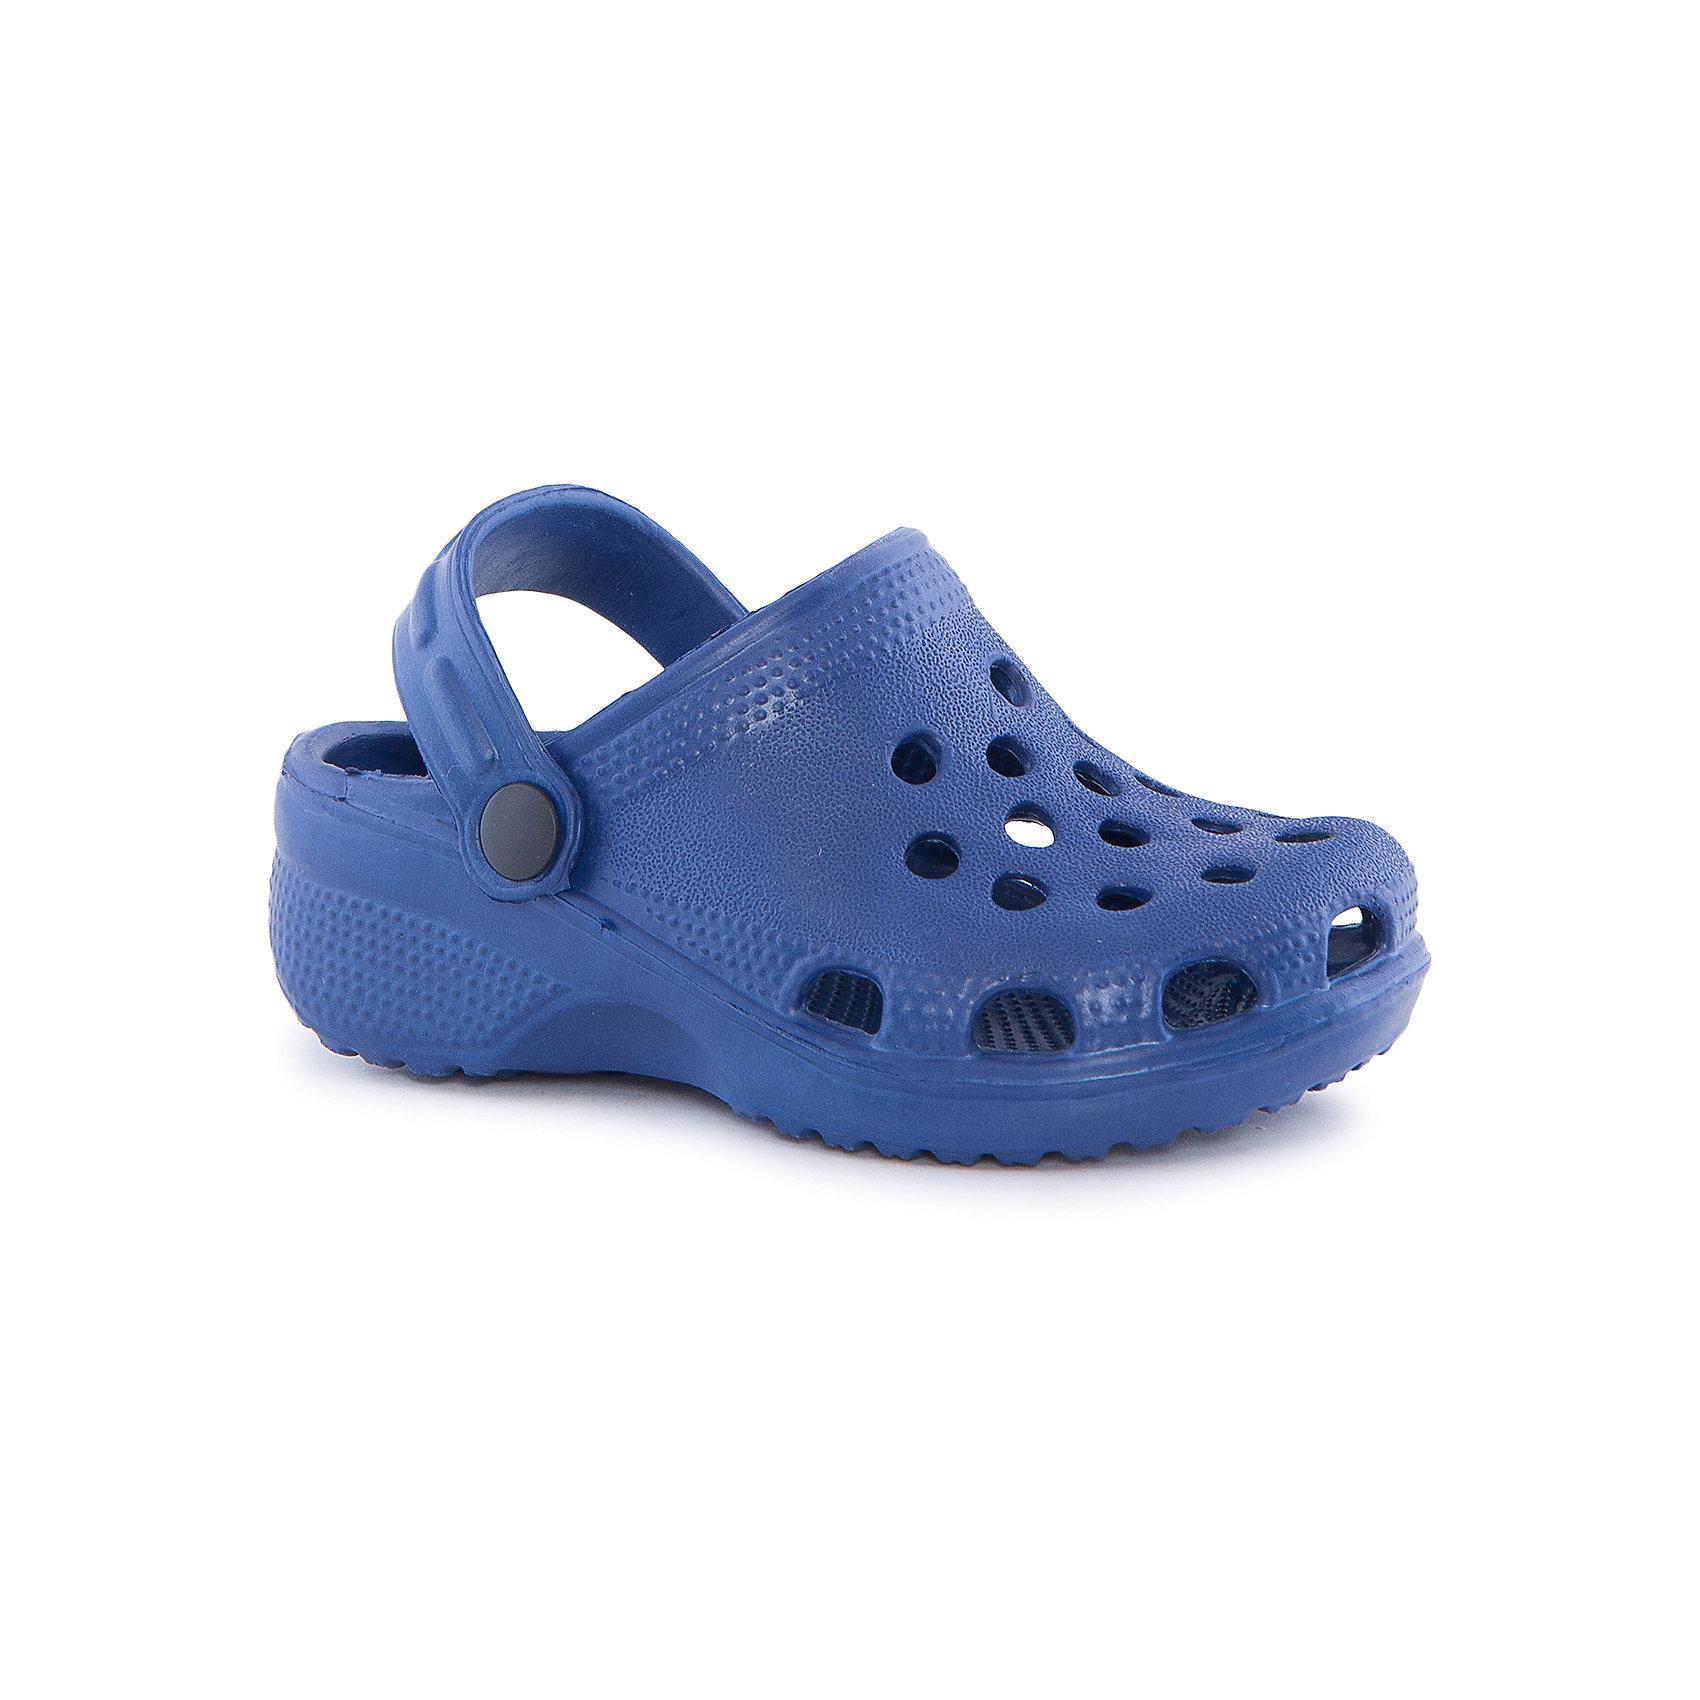 Сабо для мальчика PlayTodayПляжная обувь<br>Пантолеты для мальчика PlayToday <br><br>Состав: 100% этилвинилацетат <br><br>Очень легкие<br>Темно-синий цвет<br>Верх с перфорацией<br>Подошва с рифлением<br><br>Ширина мм: 225<br>Глубина мм: 139<br>Высота мм: 112<br>Вес г: 290<br>Цвет: полуночно-синий<br>Возраст от месяцев: 21<br>Возраст до месяцев: 24<br>Пол: Мужской<br>Возраст: Детский<br>Размер: 24,23,22,21,20,19<br>SKU: 4508184